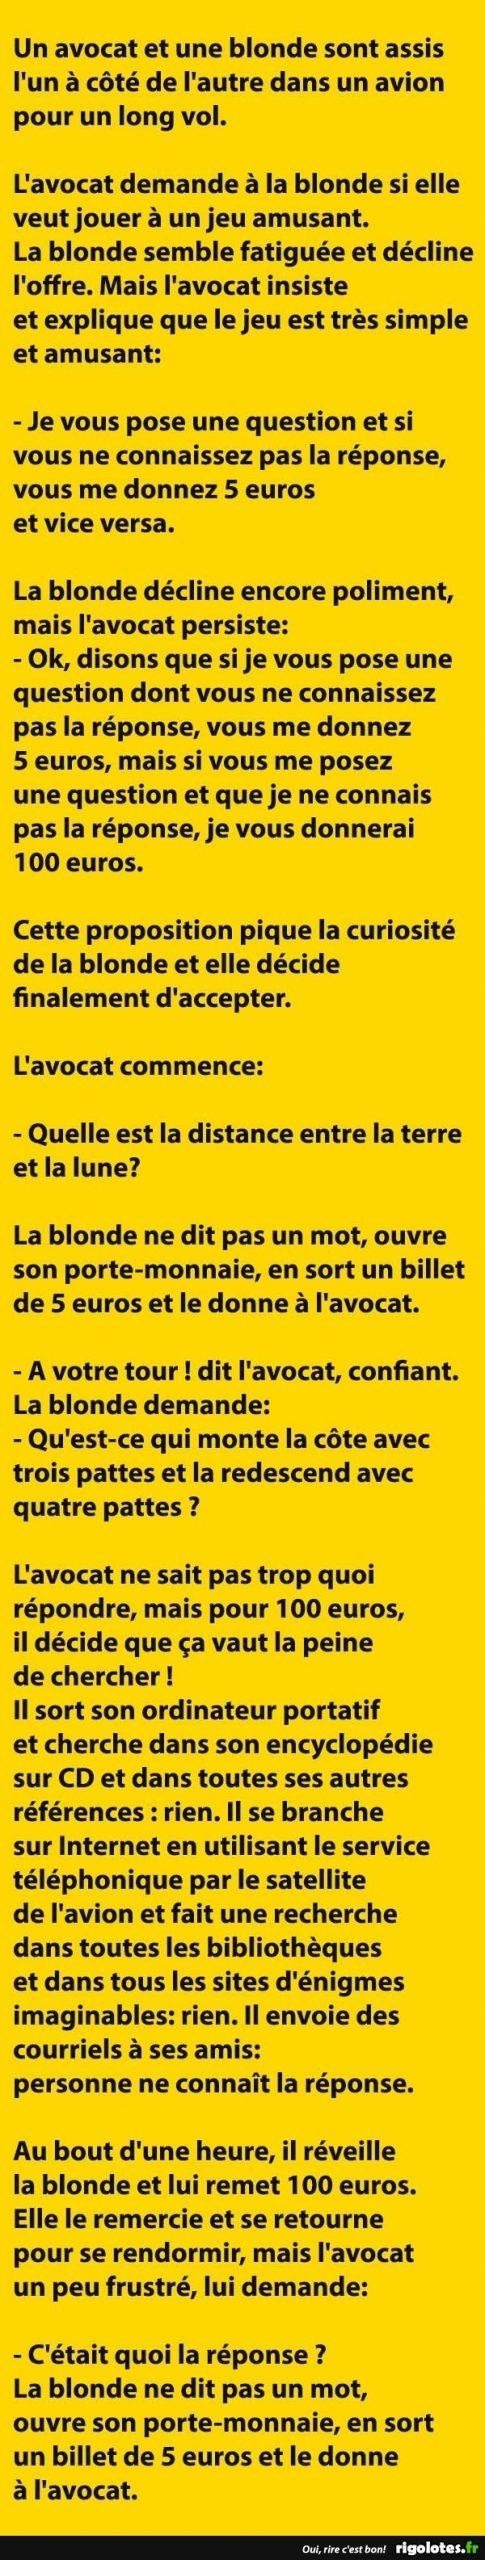 Images Drôles Francais (Imagesdrolesfr) On Pinterest à Quatres Image Un Mot